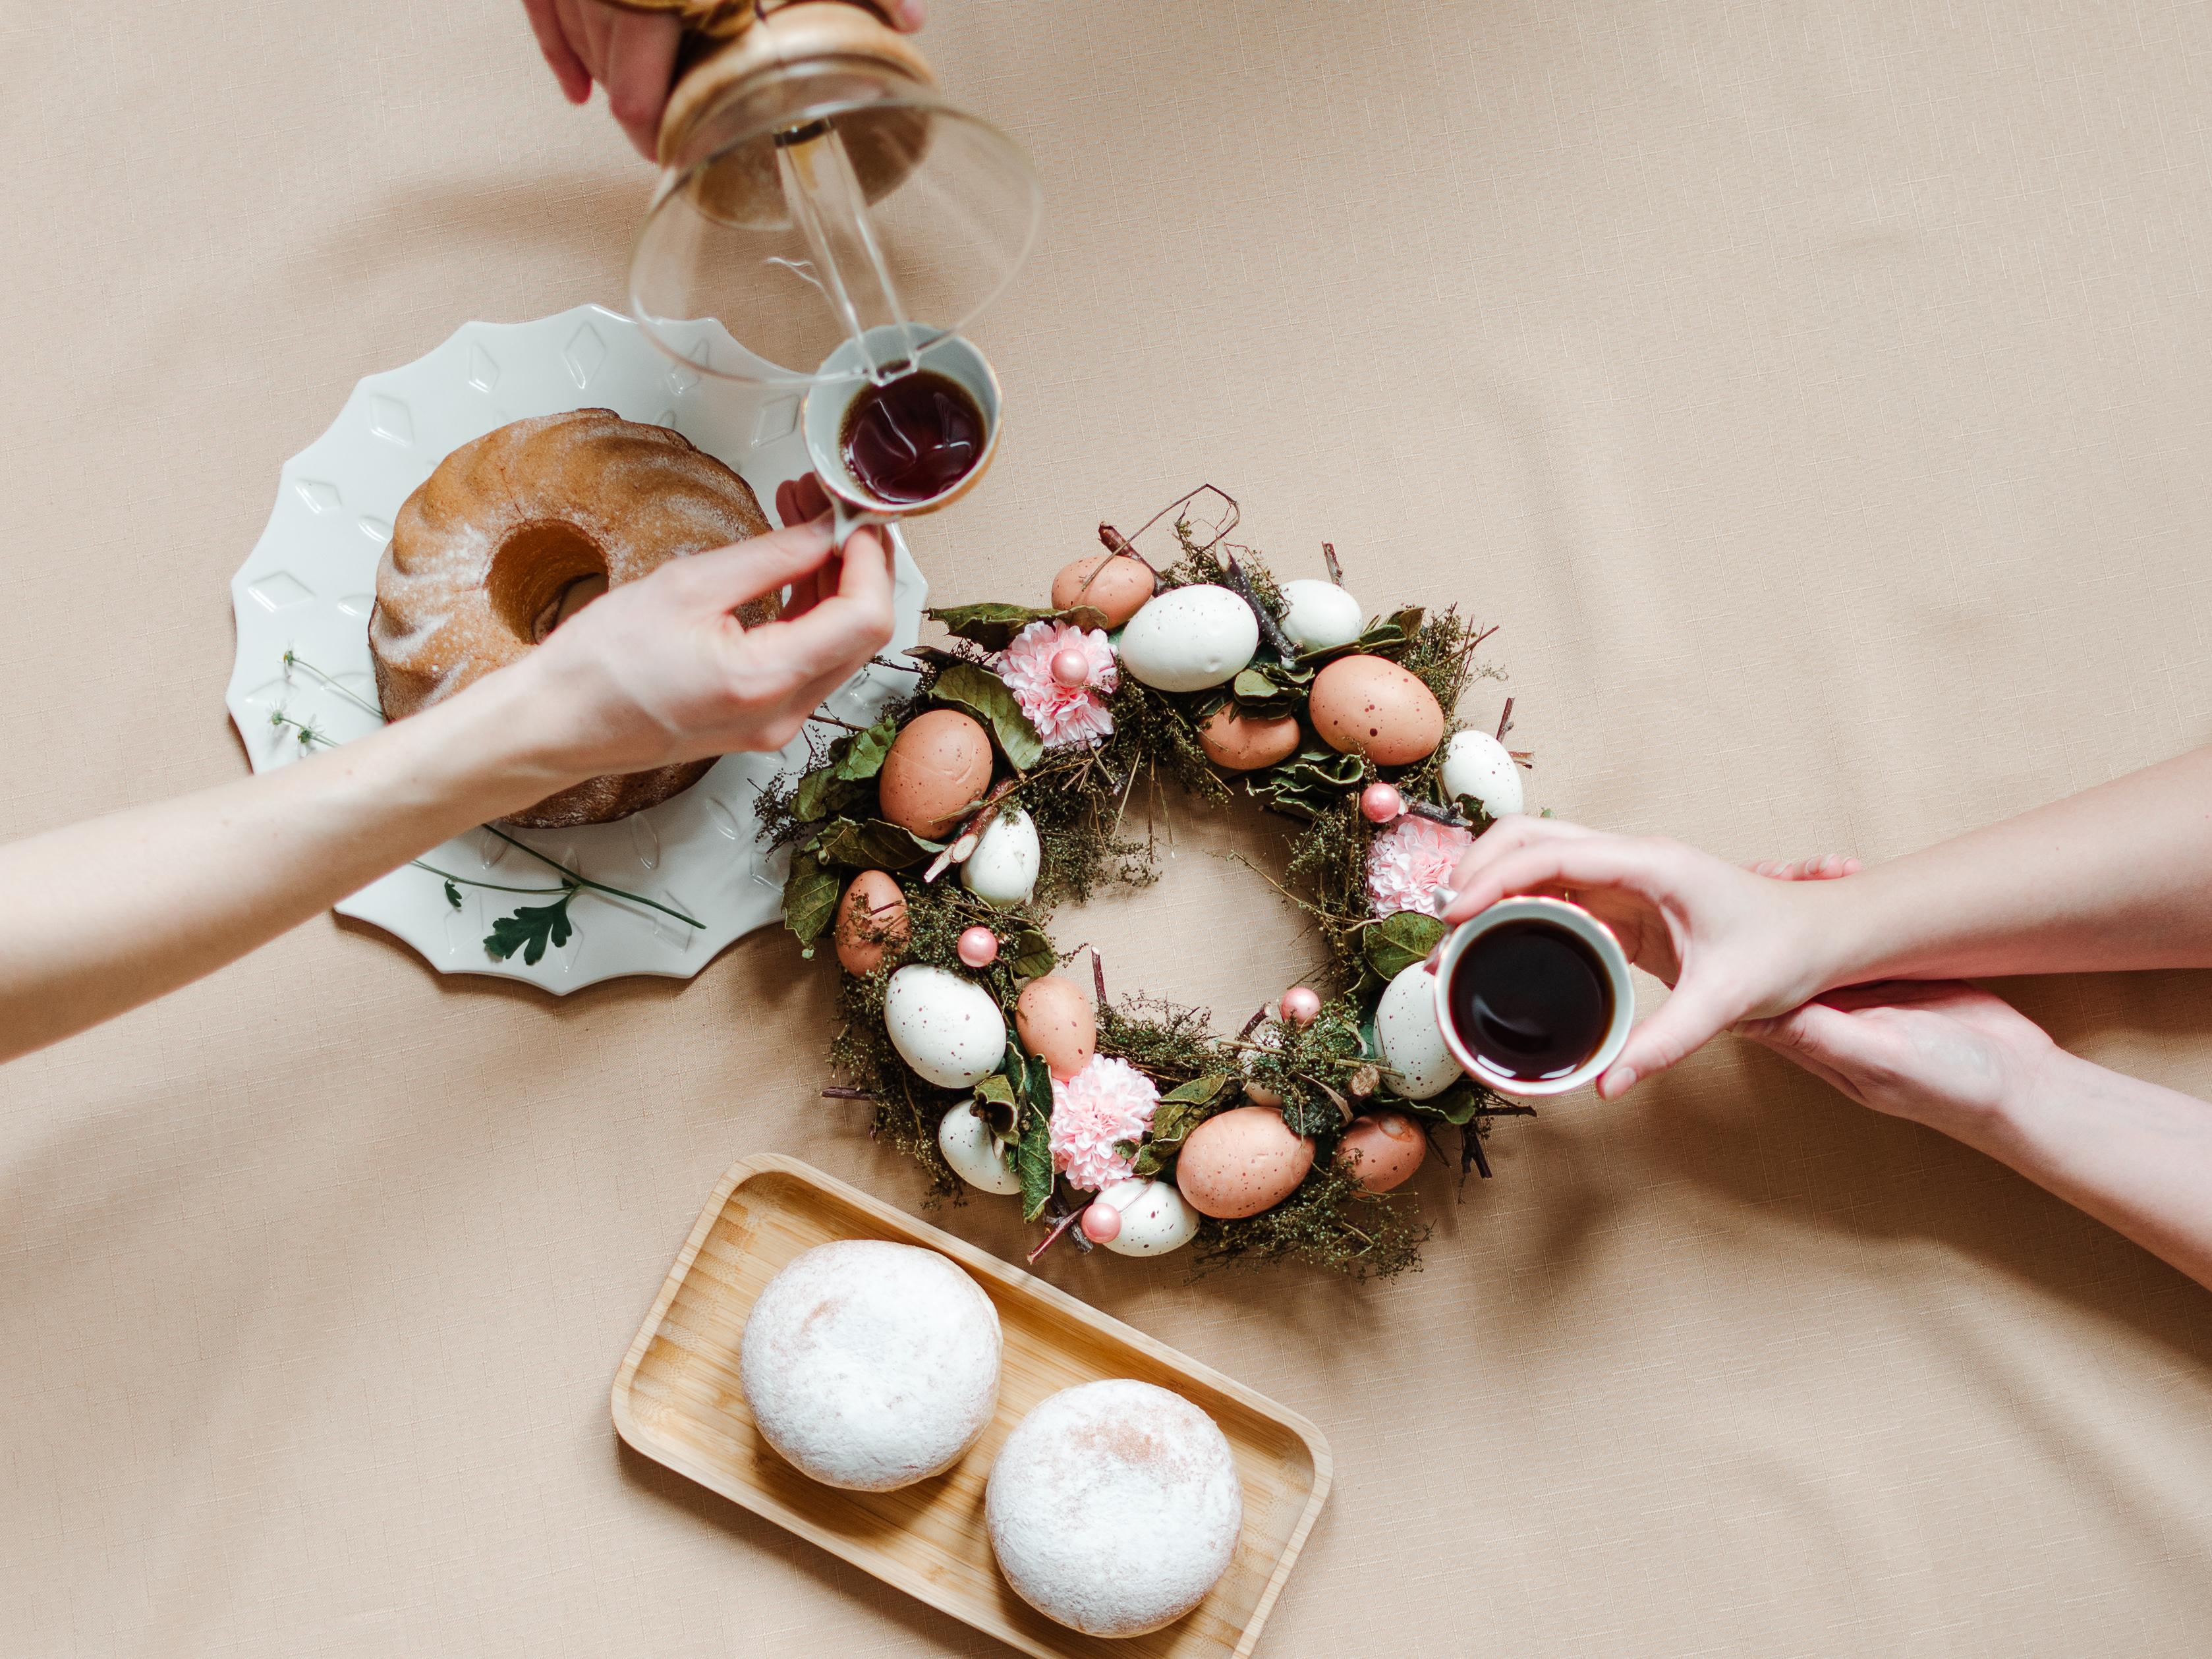 Velikonoční zvyky a tradice: známé i ty méně známé